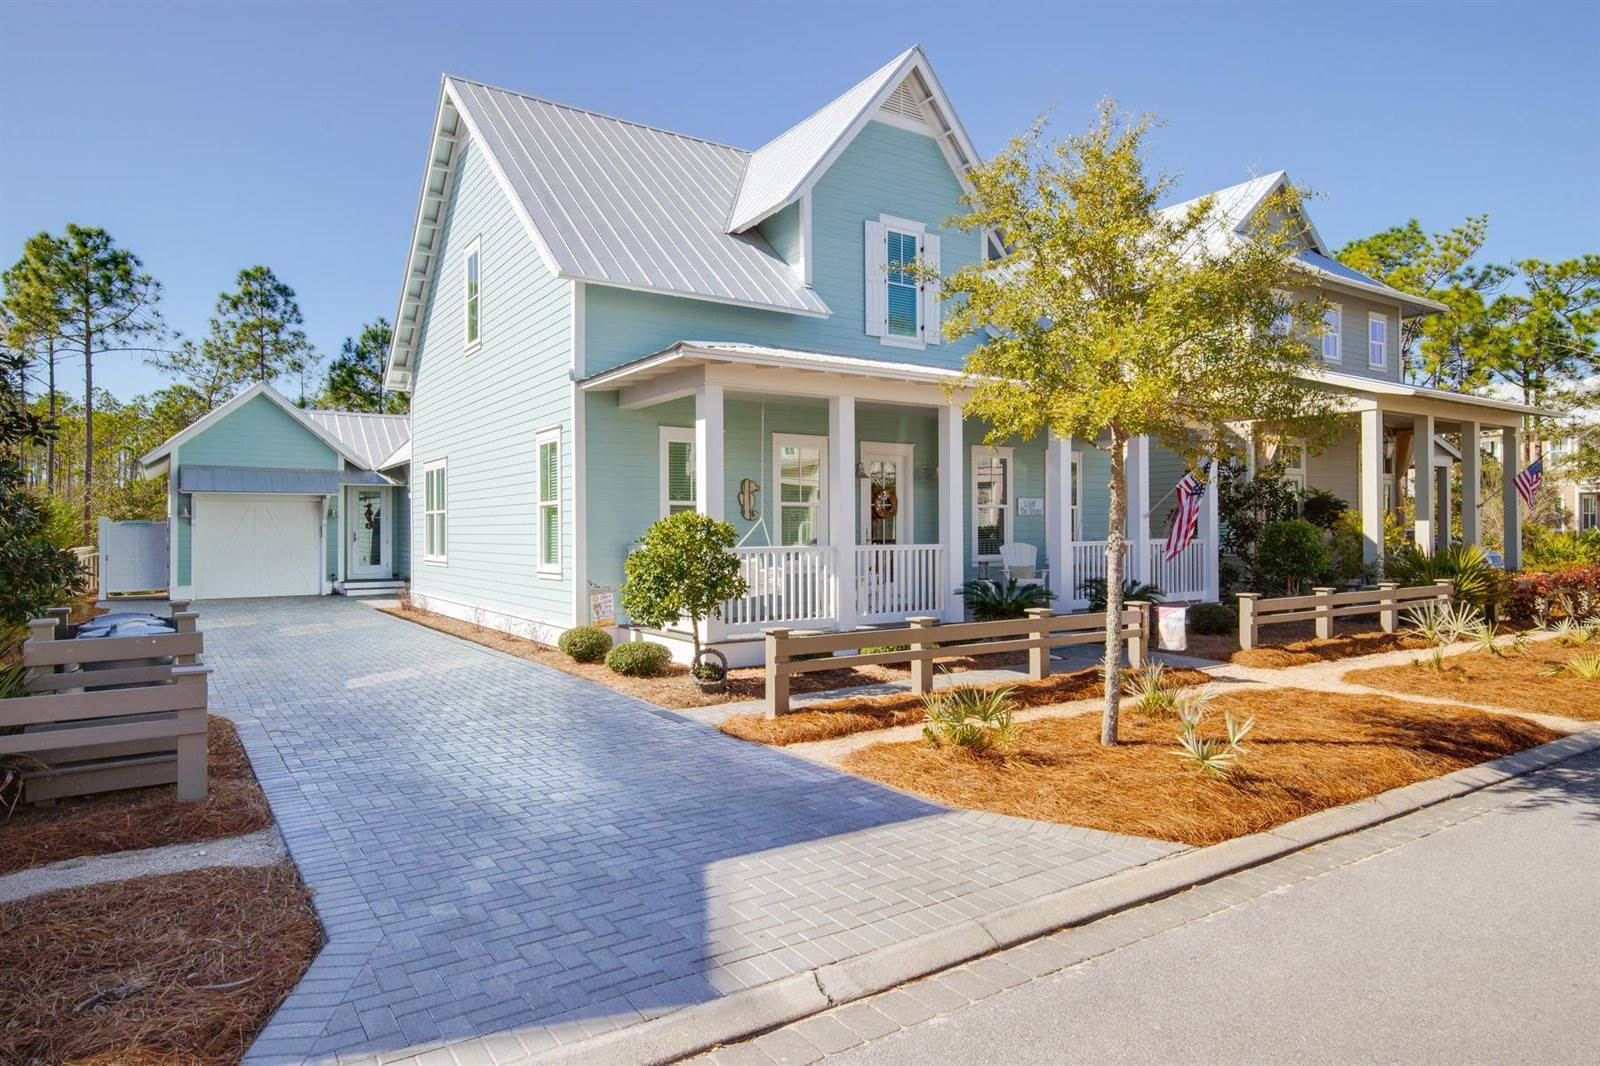 615 East Royal Fern Way, Santa Rosa Beach, FL 32459